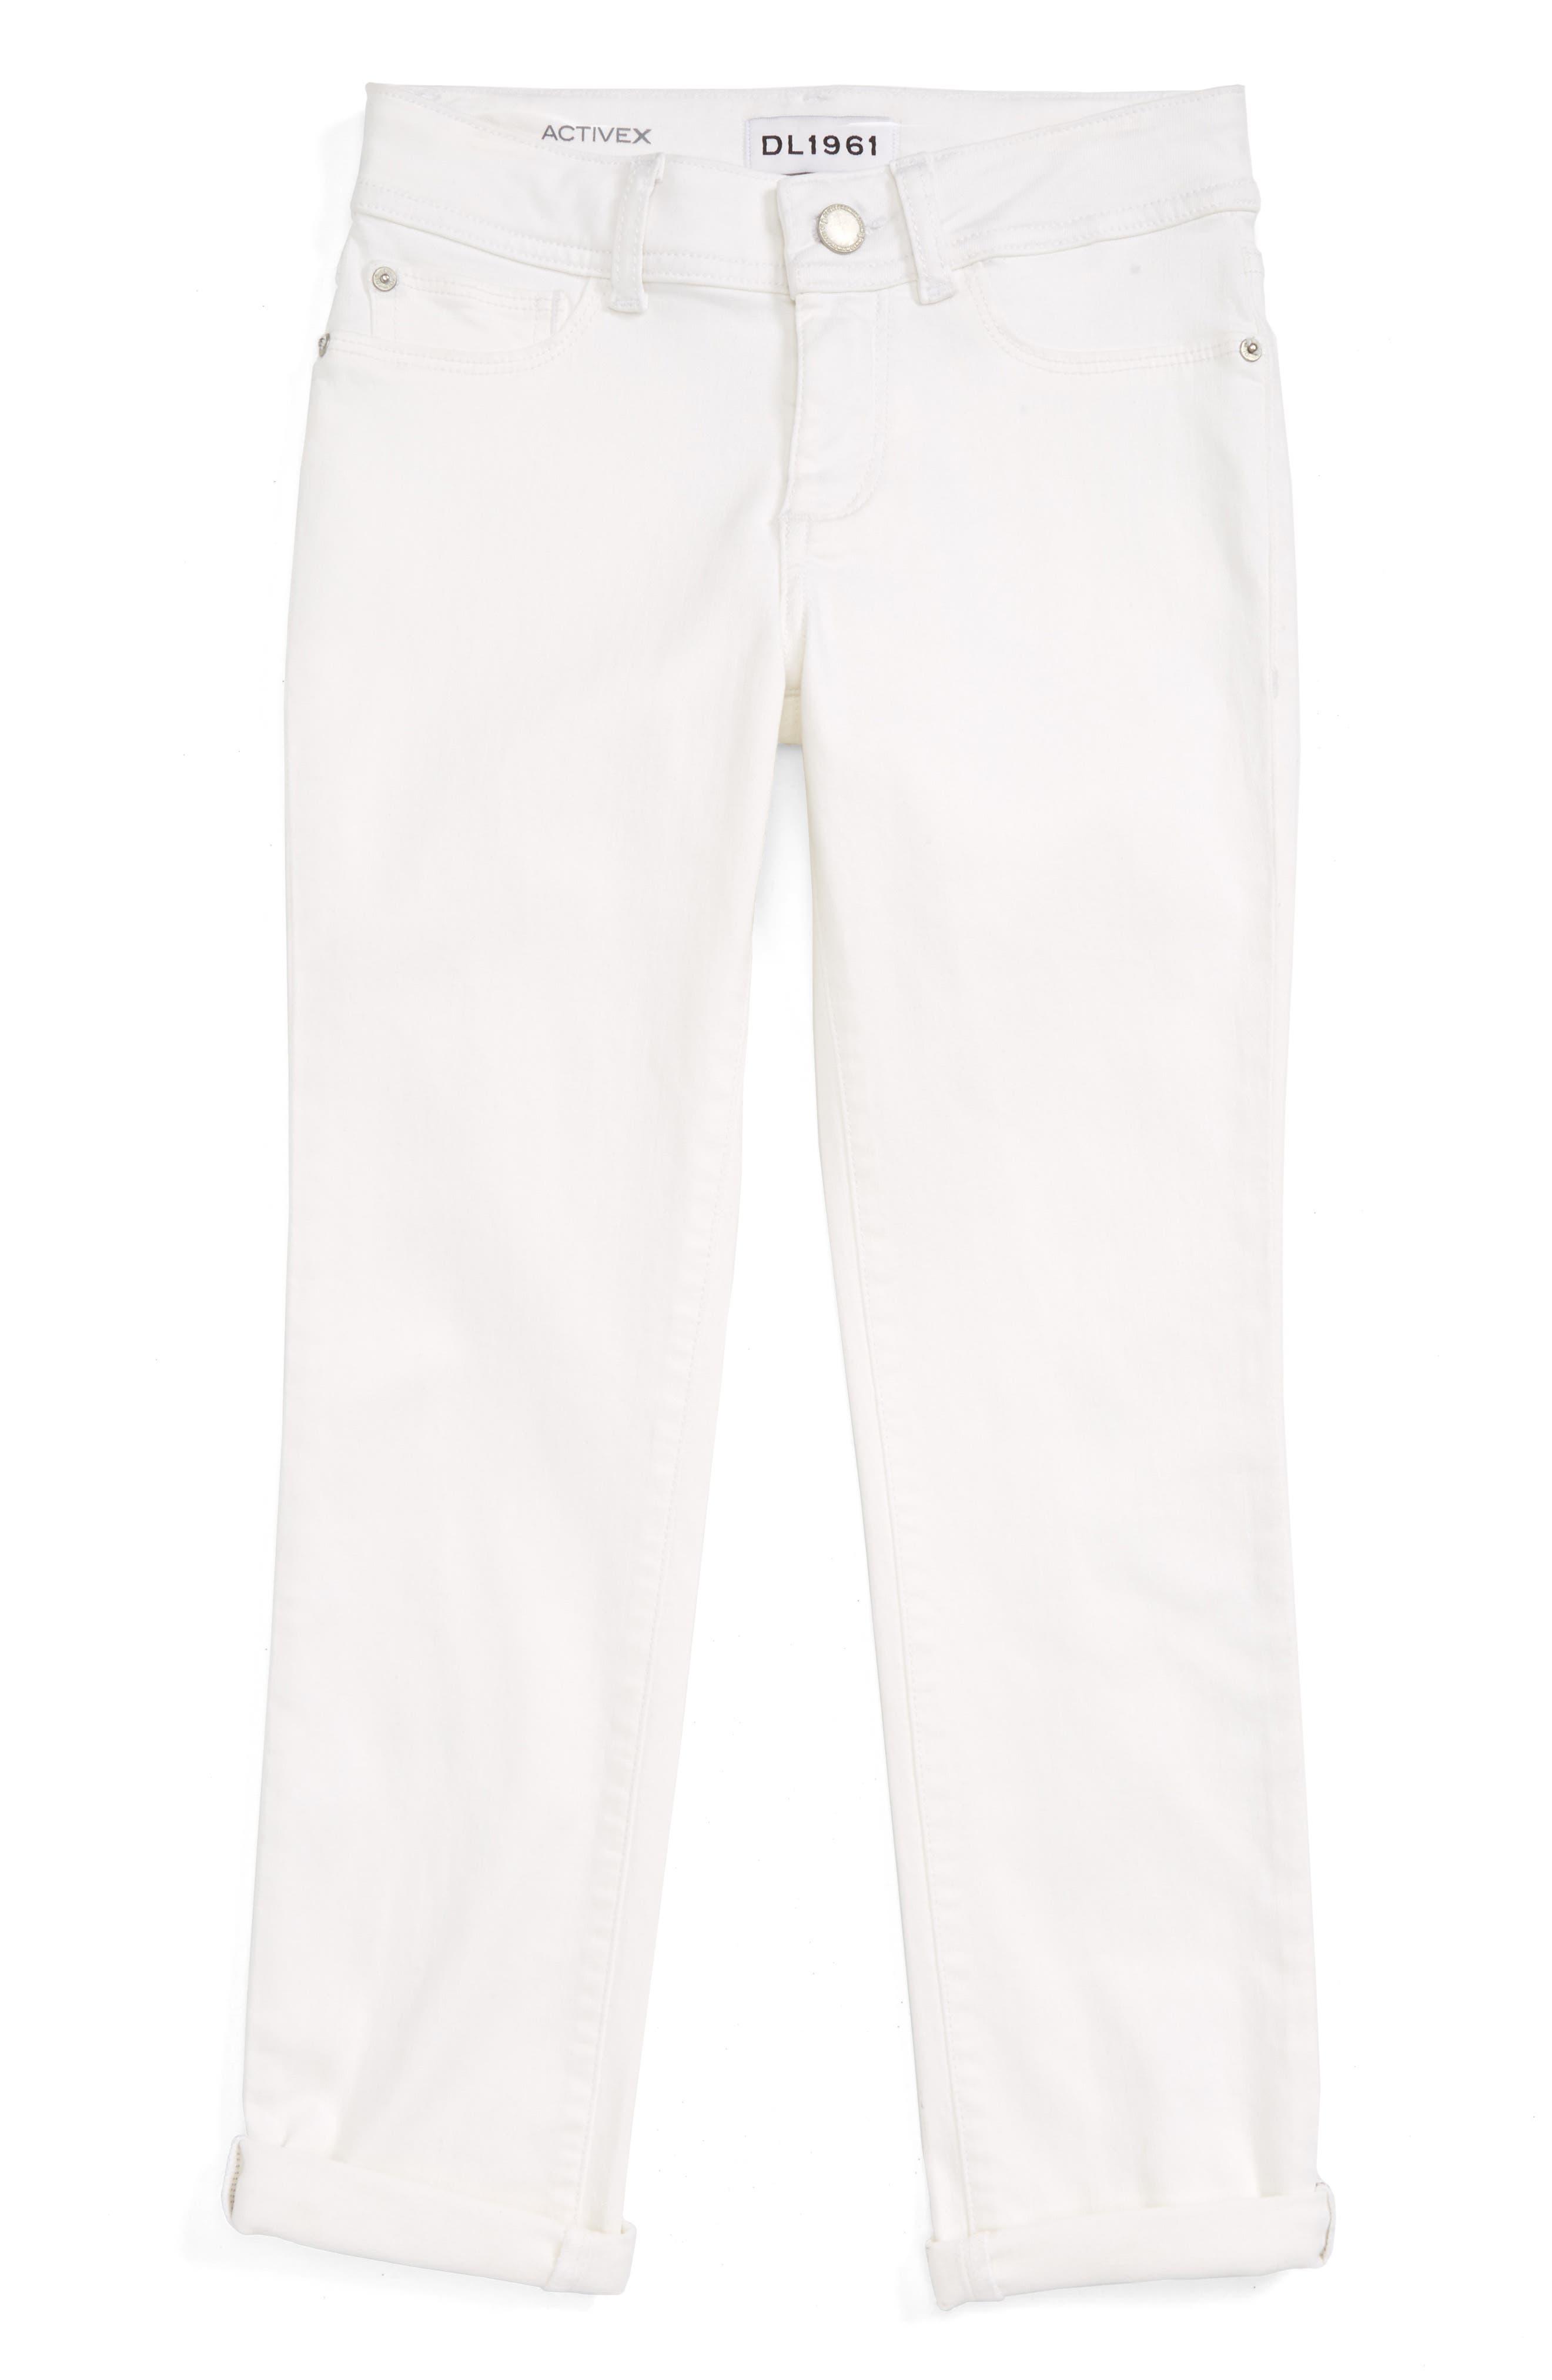 DL1961 Slouchy Skinny Jeans (Big Girls)